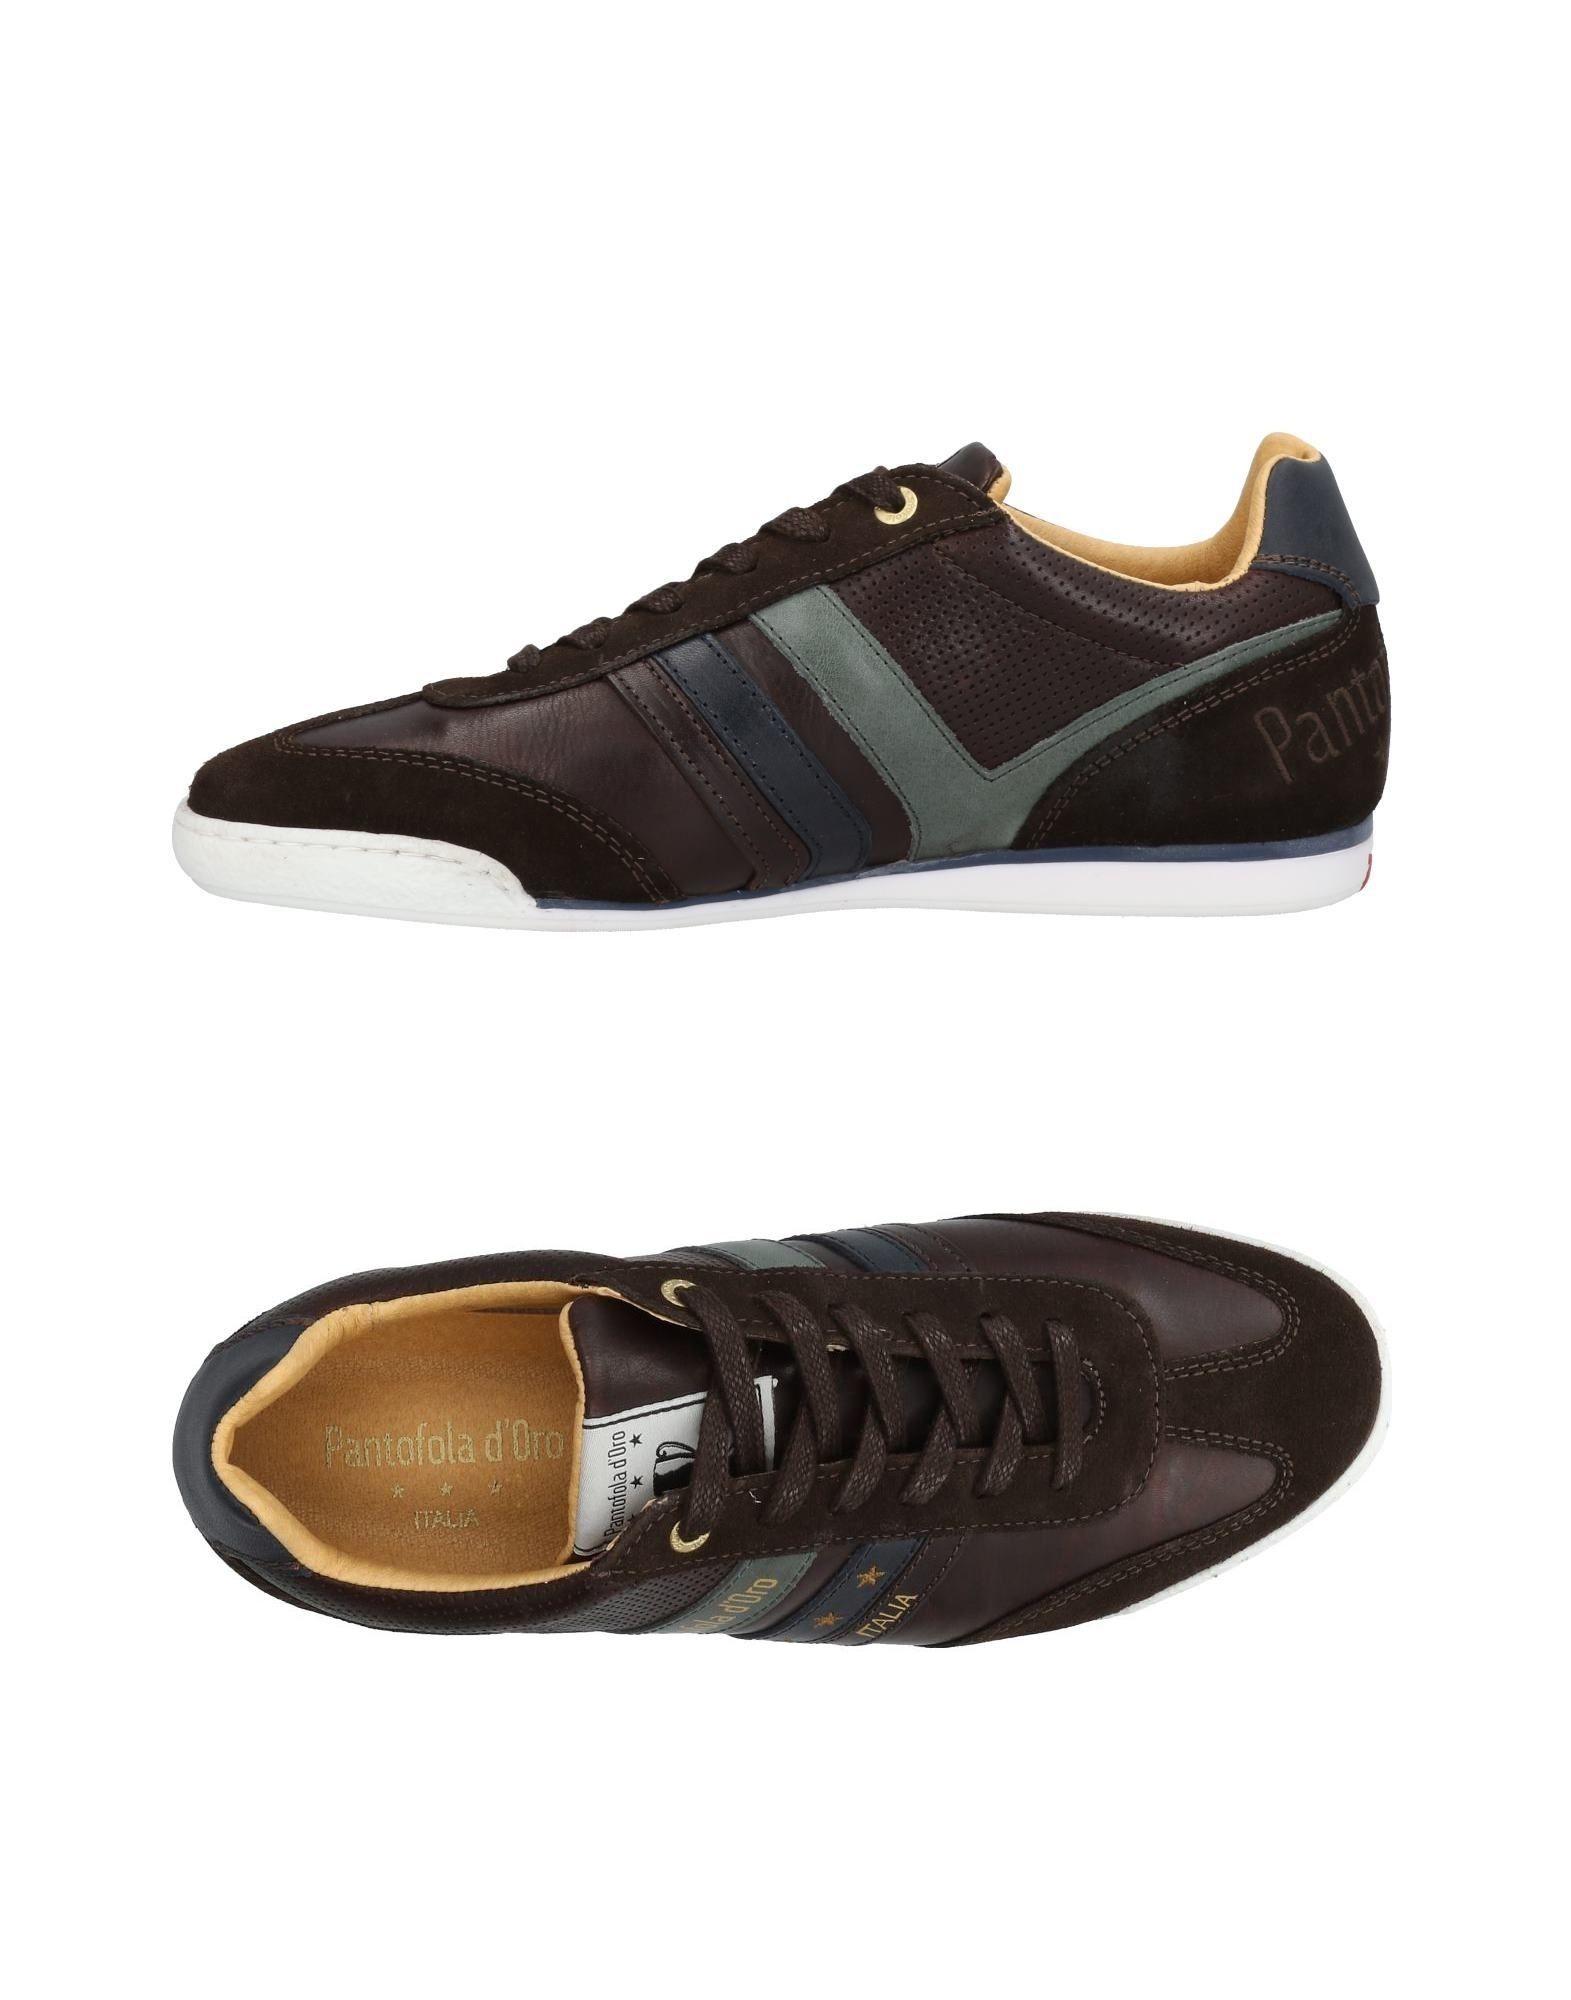 Rabatt echte Schuhe Pantofola D'oro Sneakers Herren  11456467TL